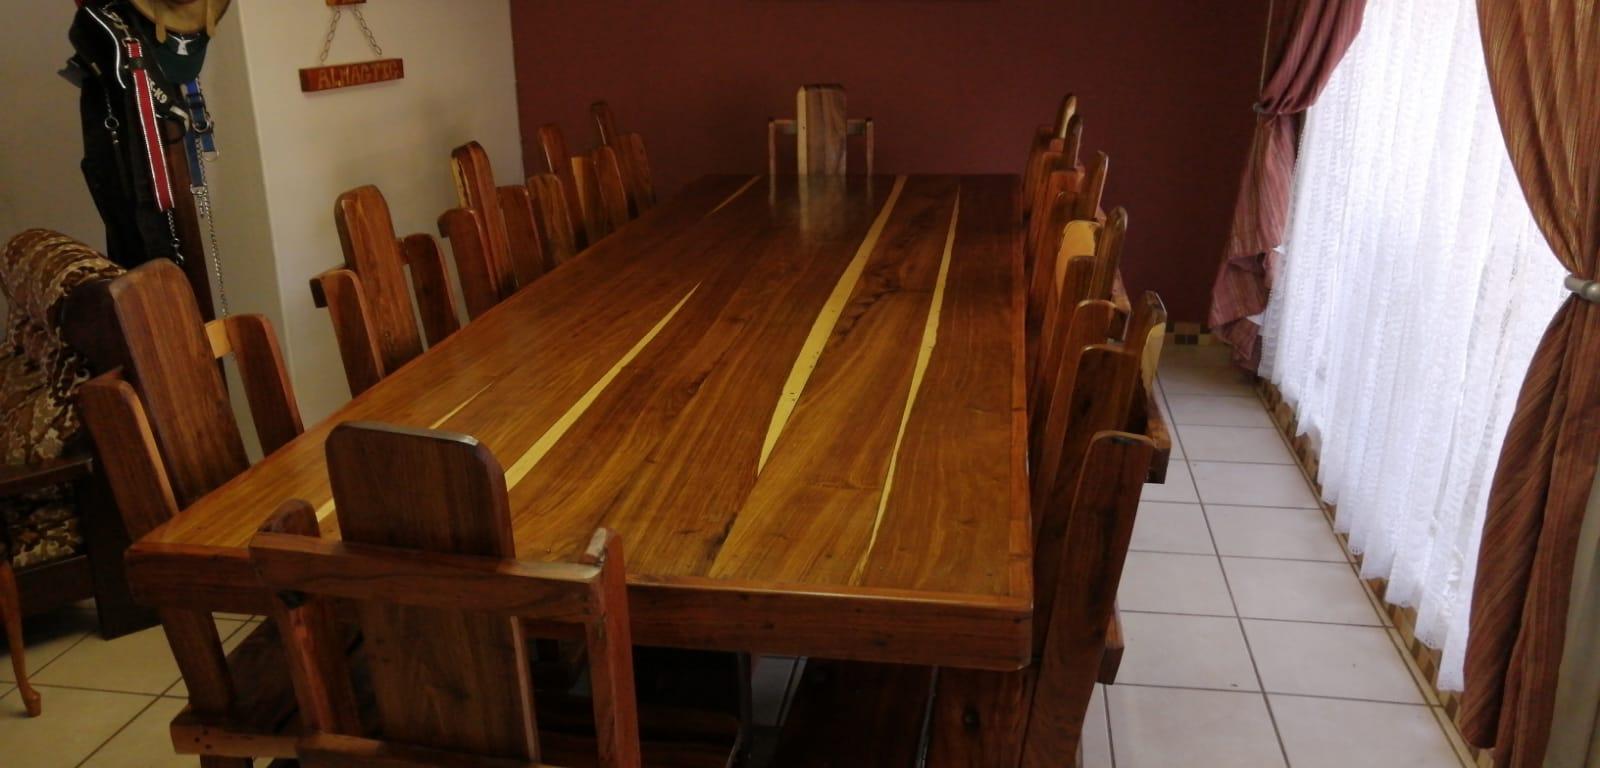 Eetkamer stel / Diningroom suite